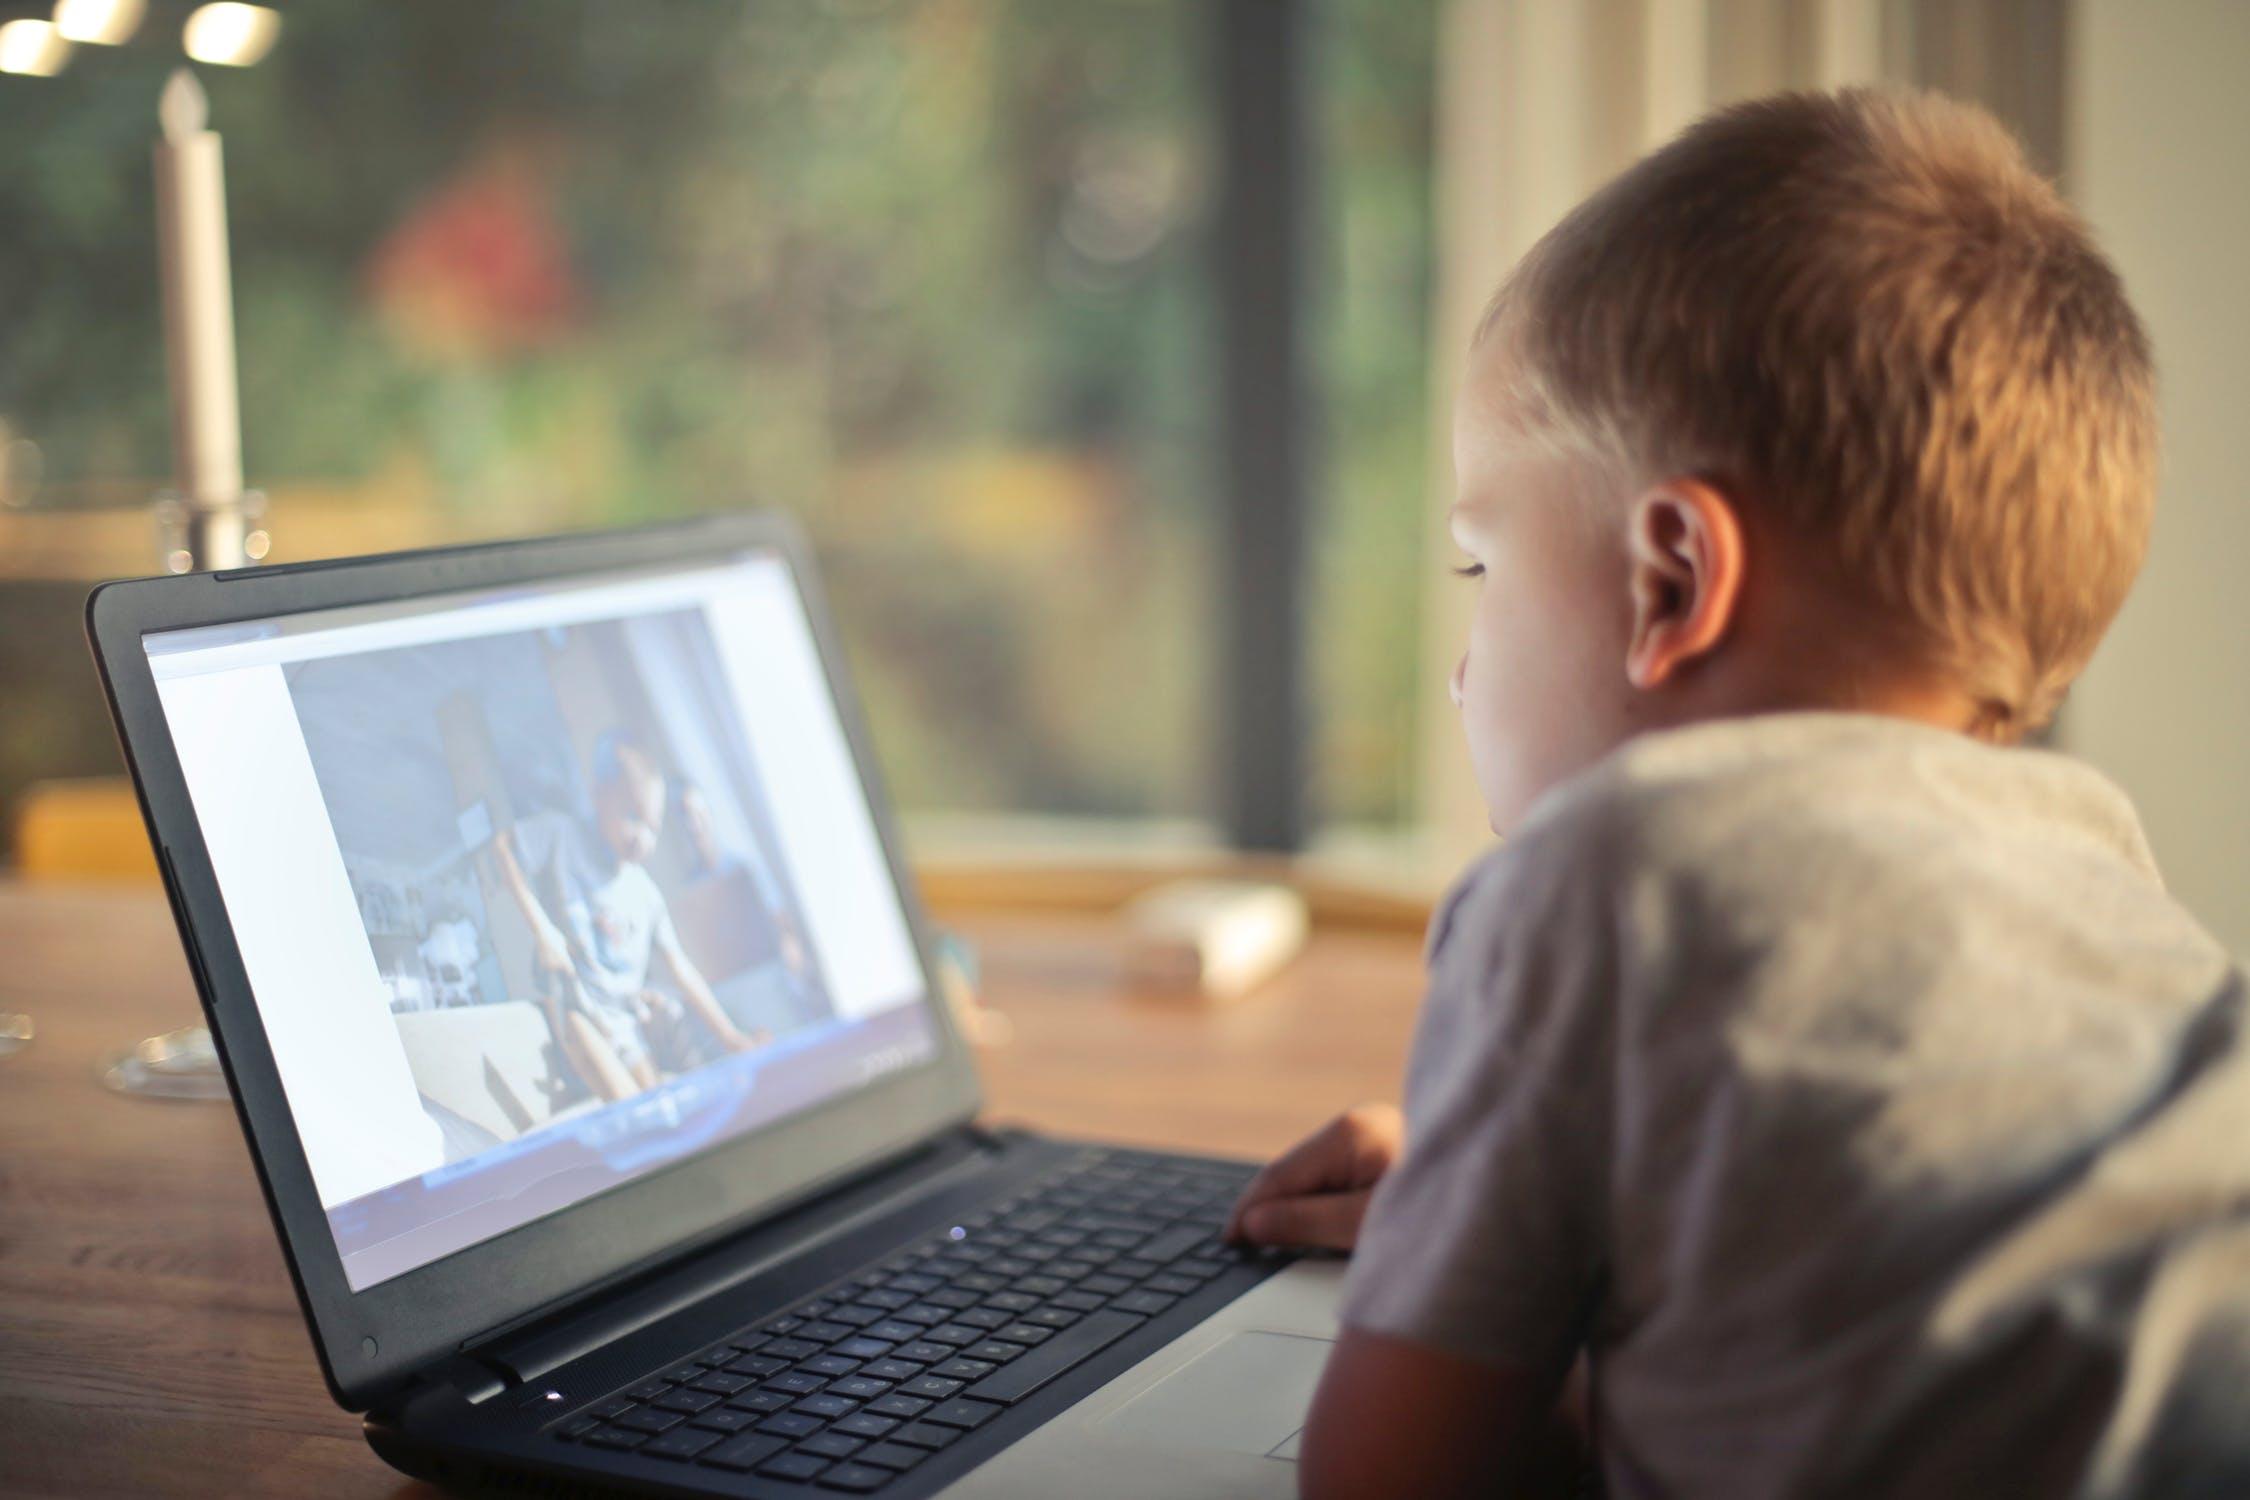 तुमचं मूल पाॅर्न साइट बघत असेल तर त्याला रियल आणि अनरियलमधला फरक सांगा. ही साइट बघणं कसं चुकीचं आहे हे समजावून सांगा.